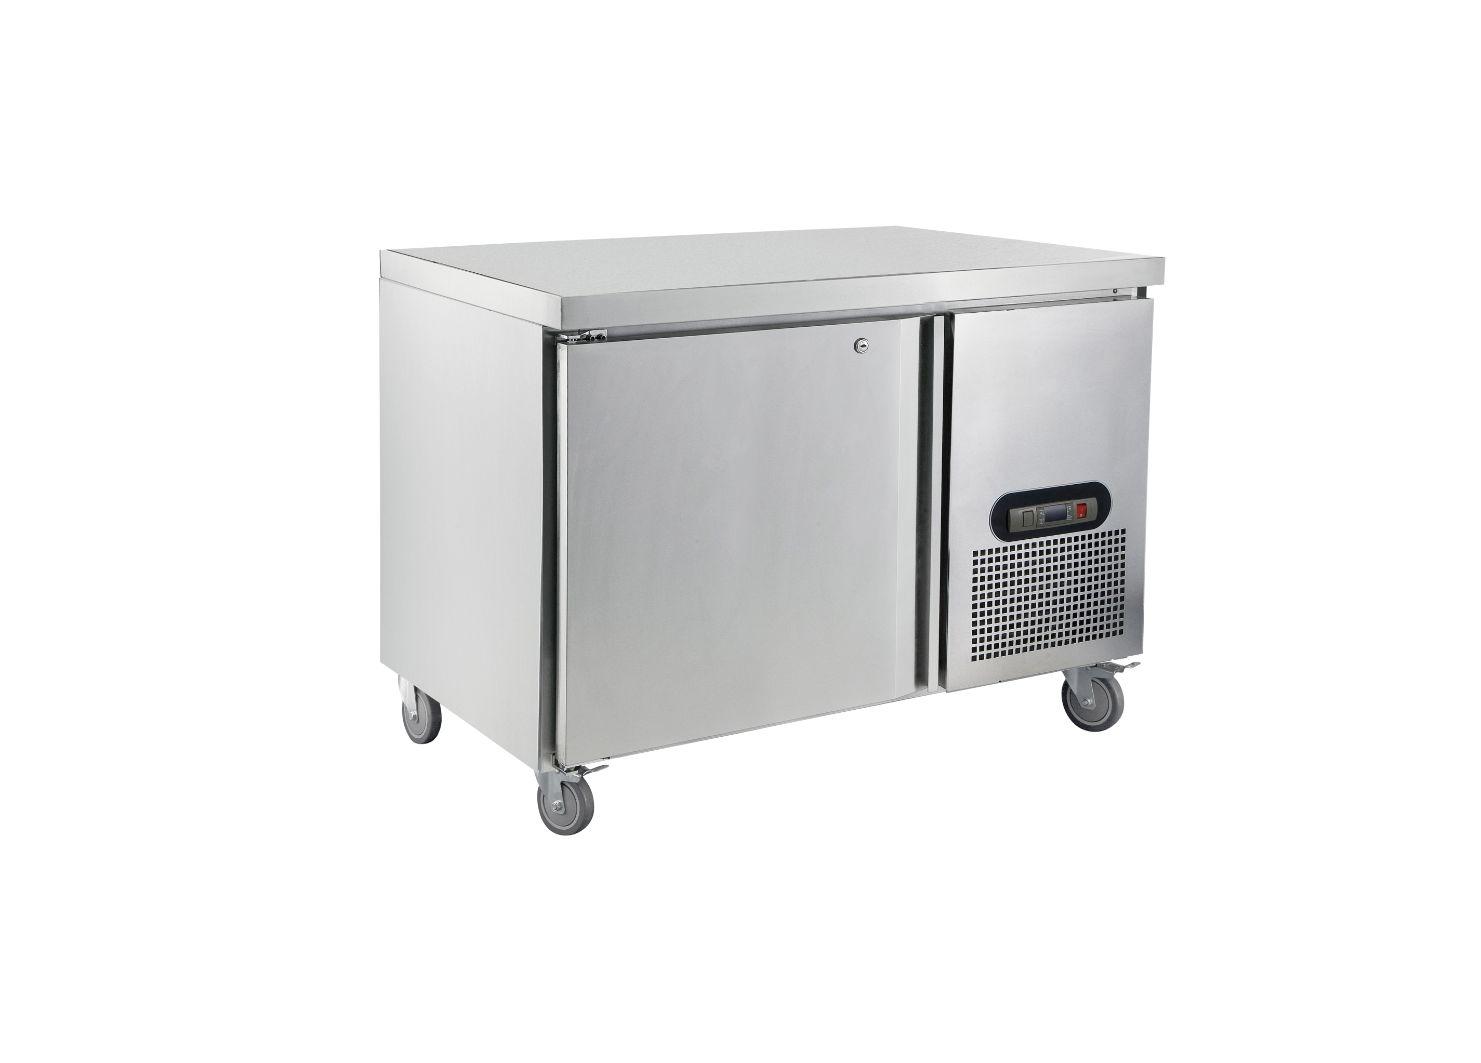 Saltas CUF1200 Undercounter Freezer